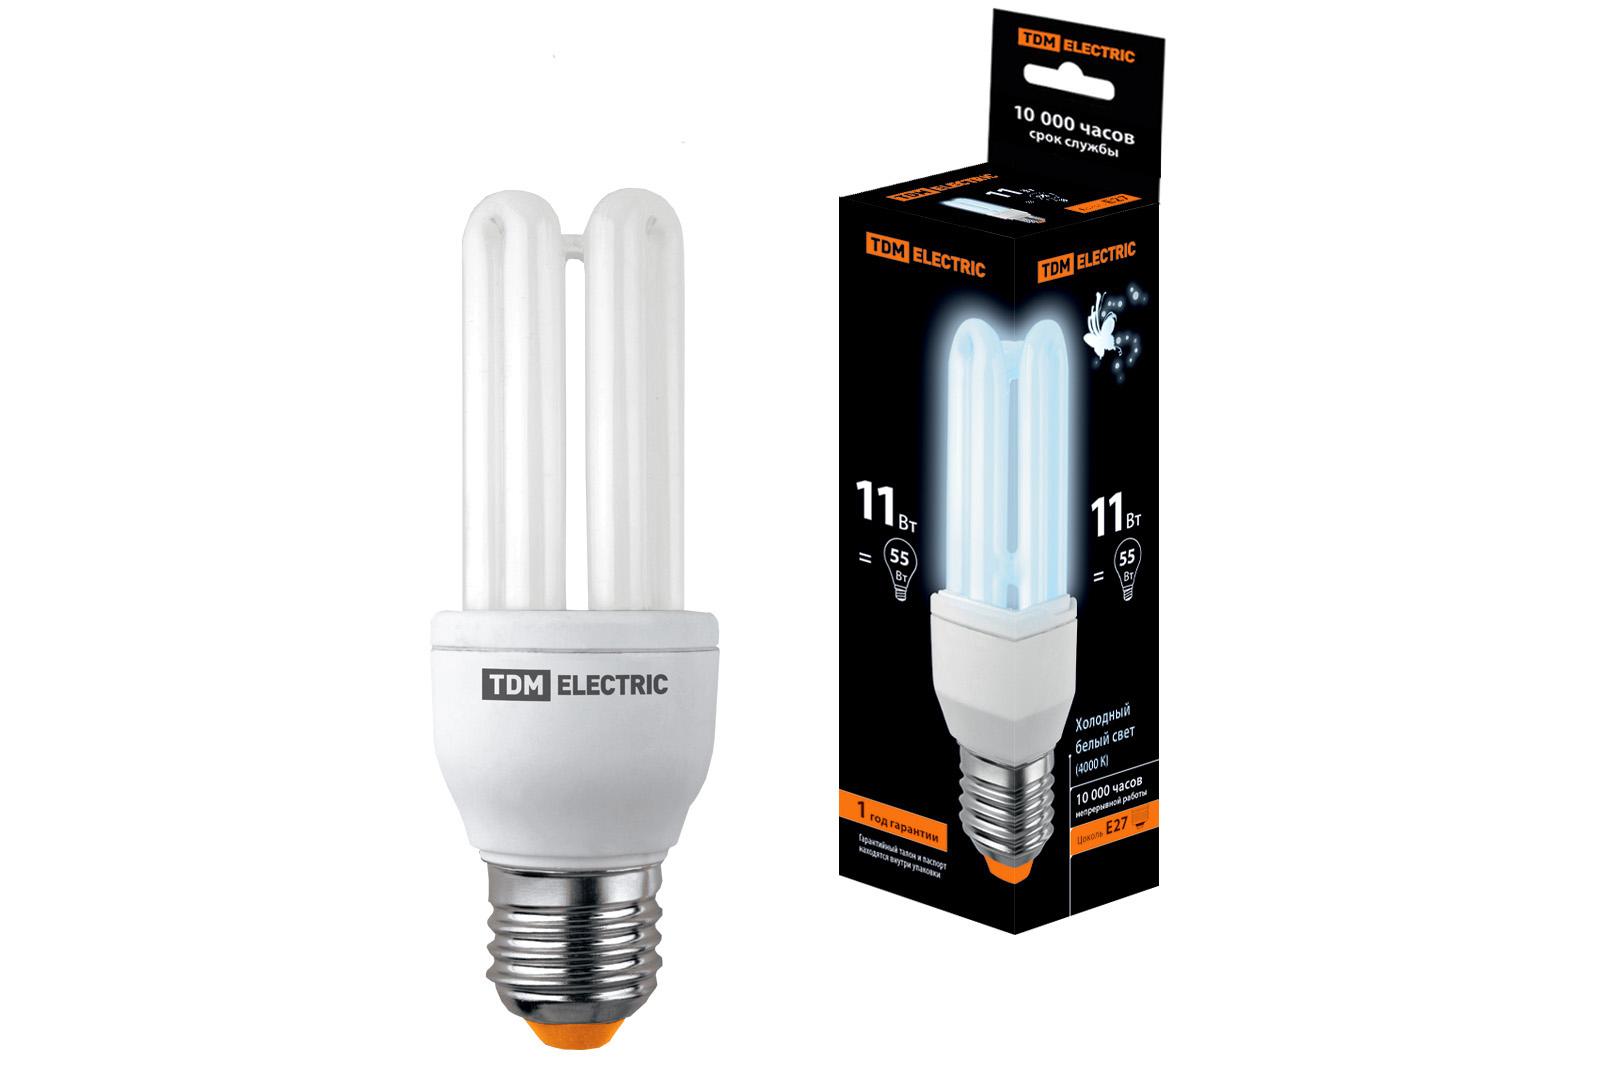 Лампа энергосберегающая Tdm Sq0323-0041